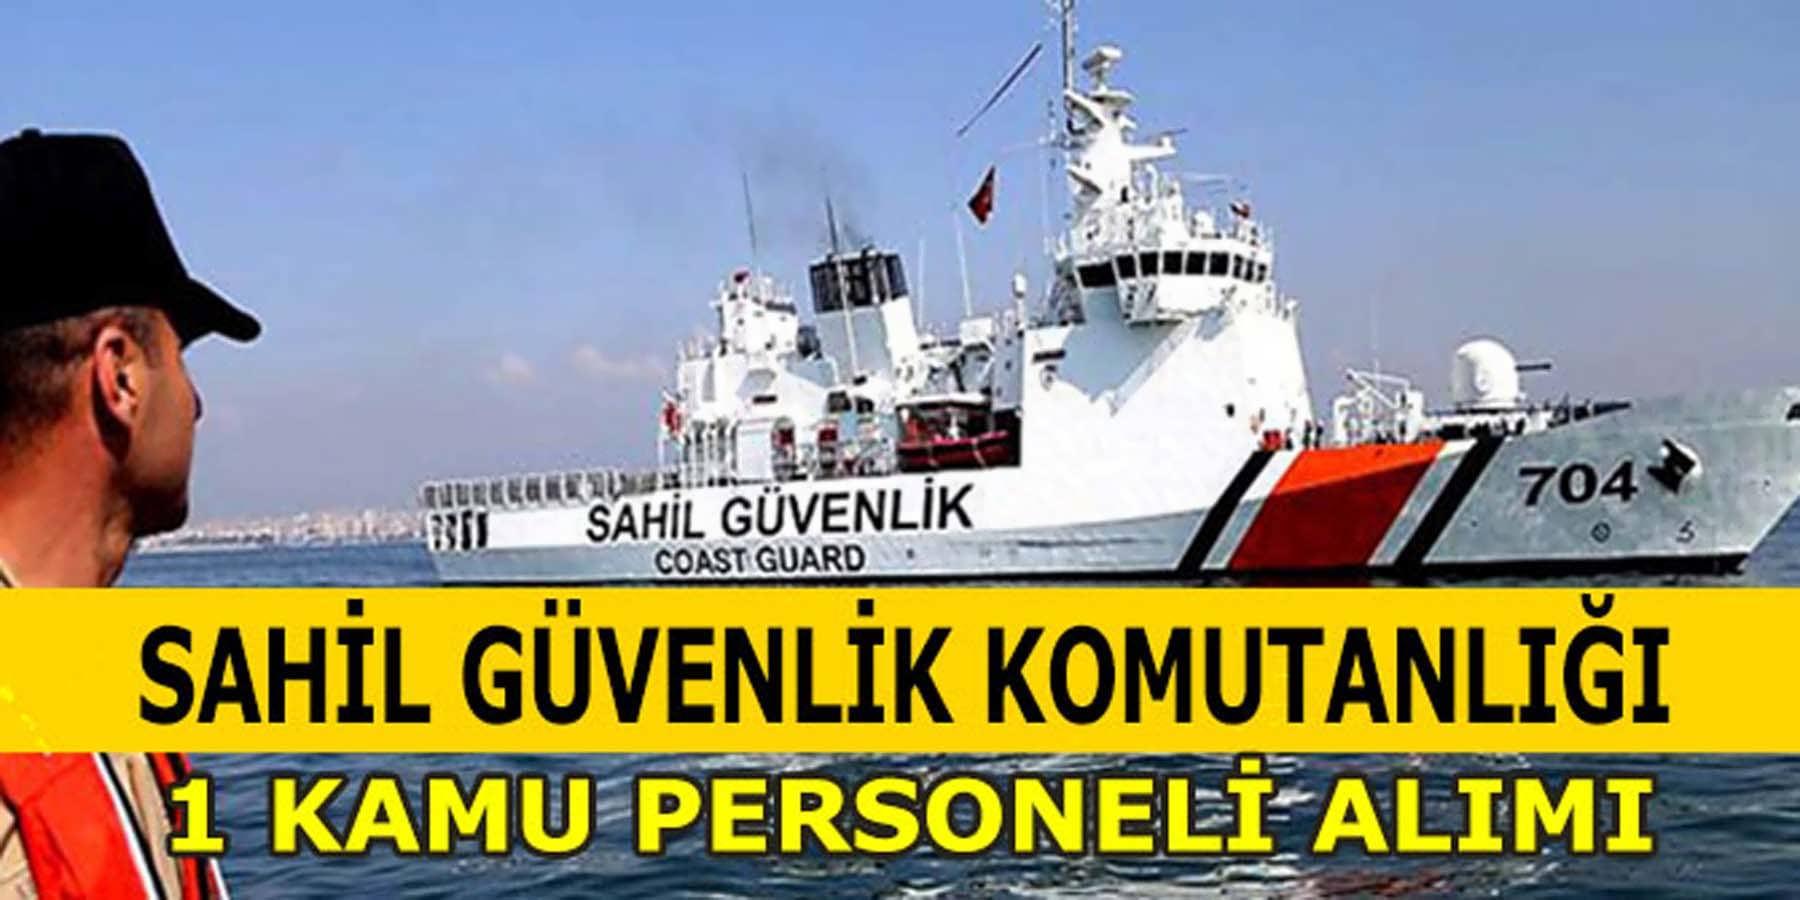 Sahil Güvenlik Onarım Destek Komutanlığı 1 Kamu Personeli Alımı